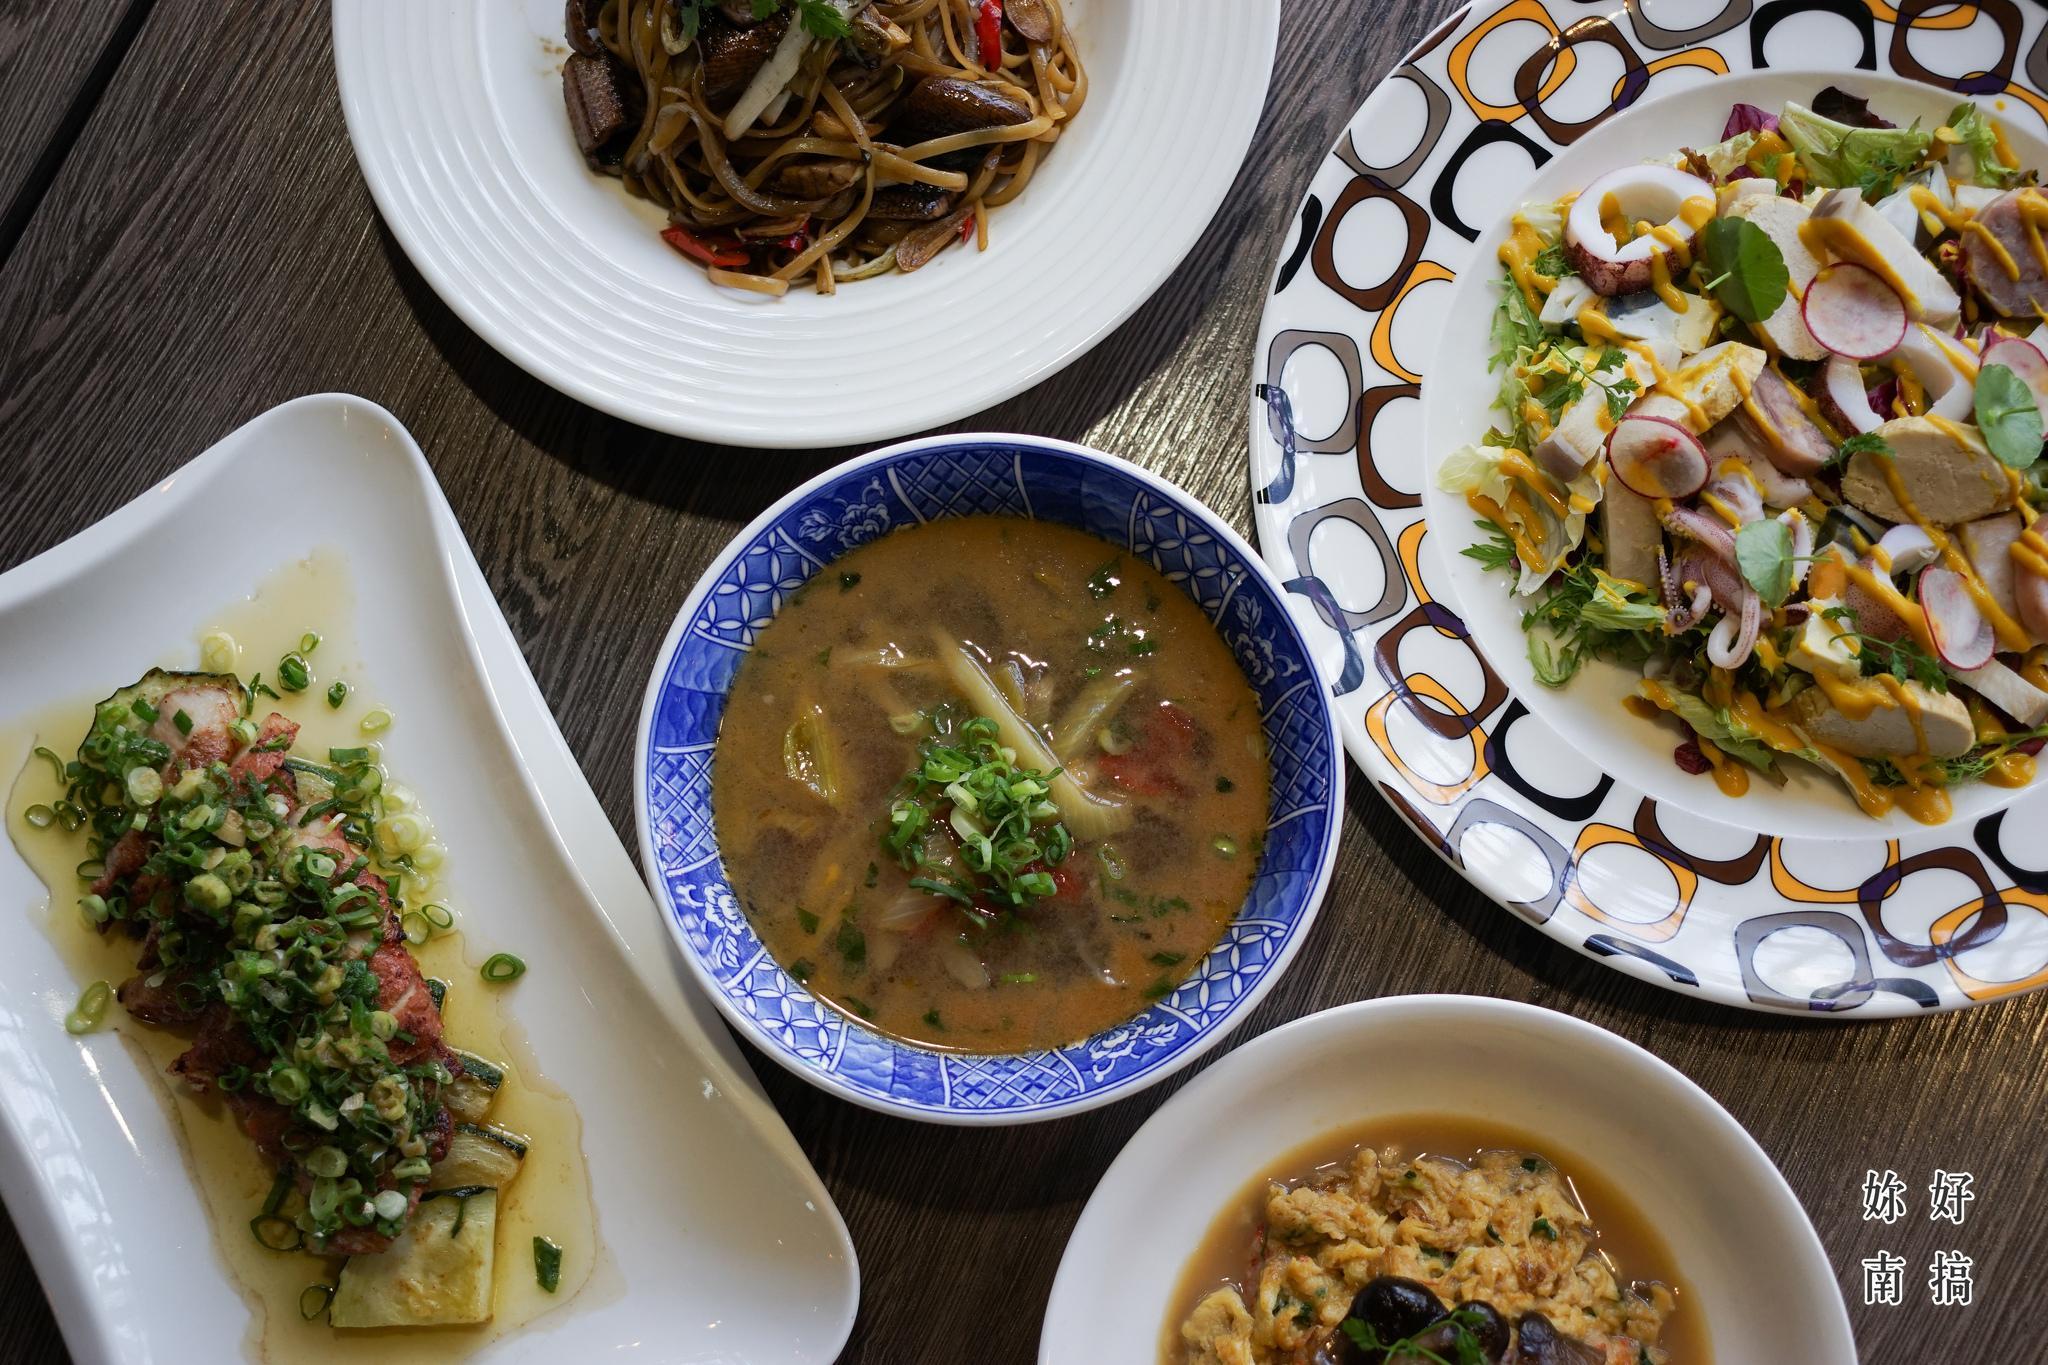 台南旅遊-主廚的菜籃子-04-妳好南搞